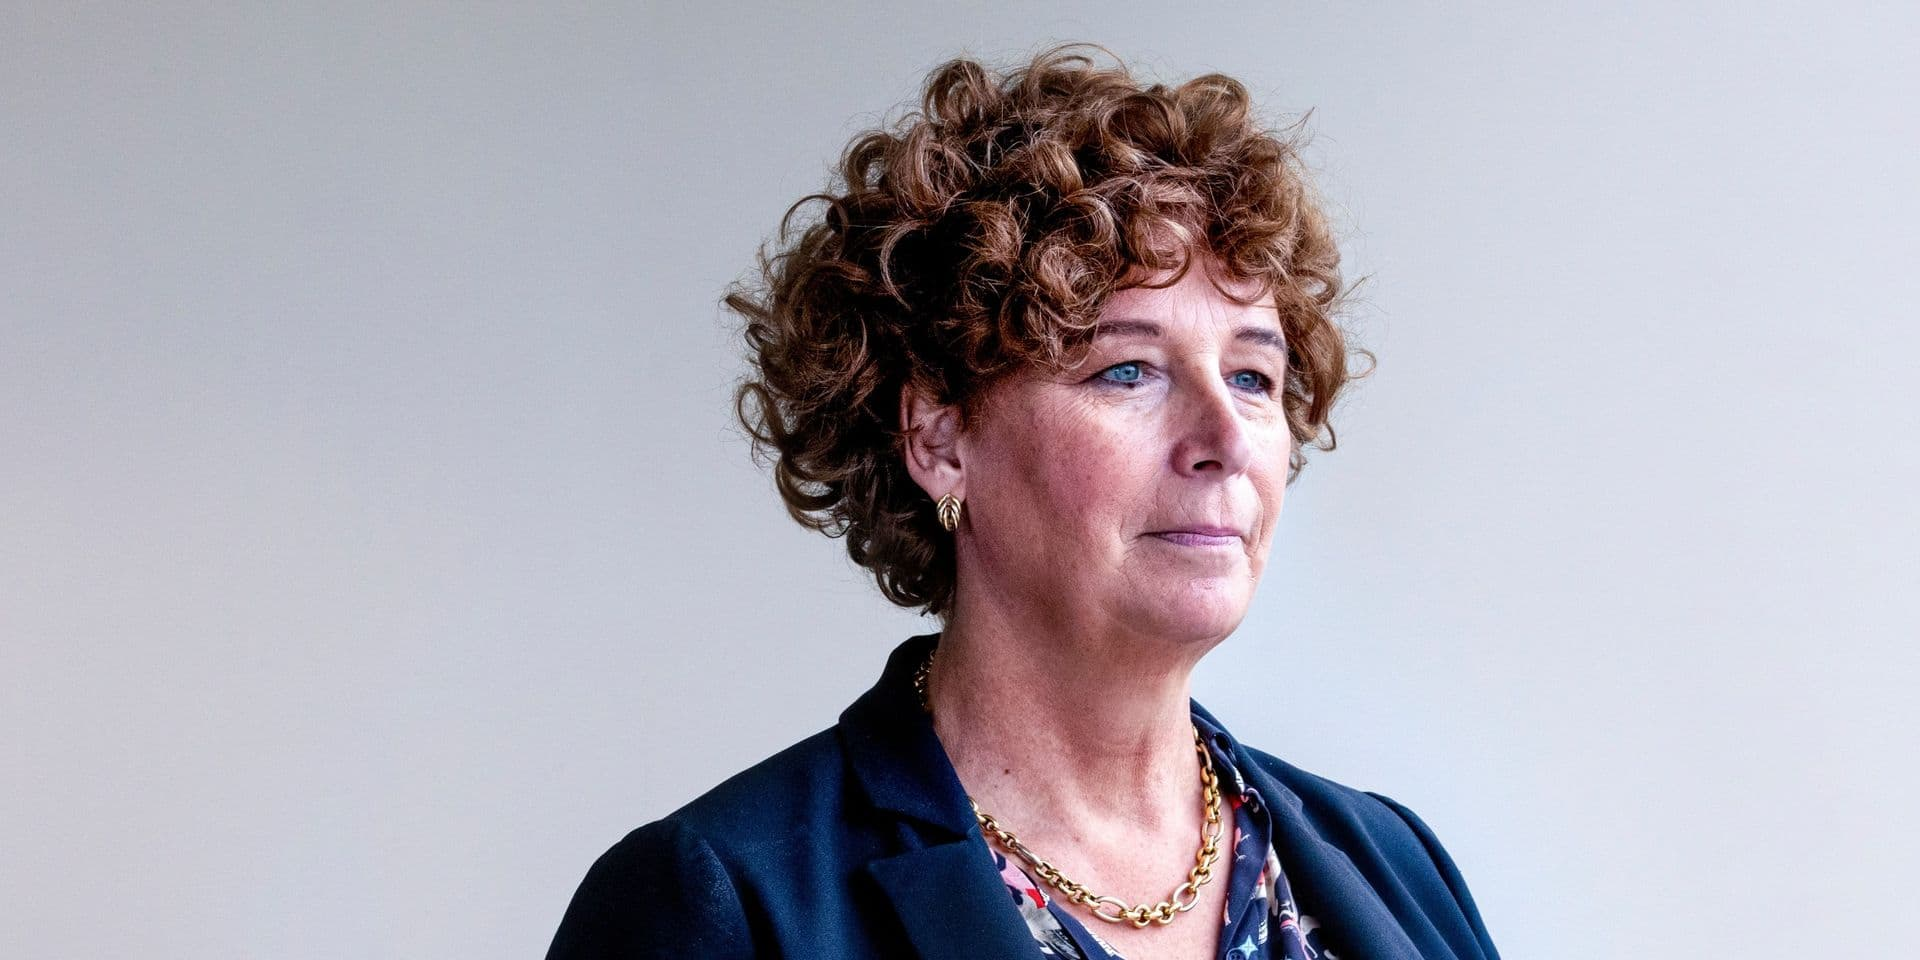 Débordé, Bpost ne livre plus les colis: Petra De Sutter demande que la décision soit revue